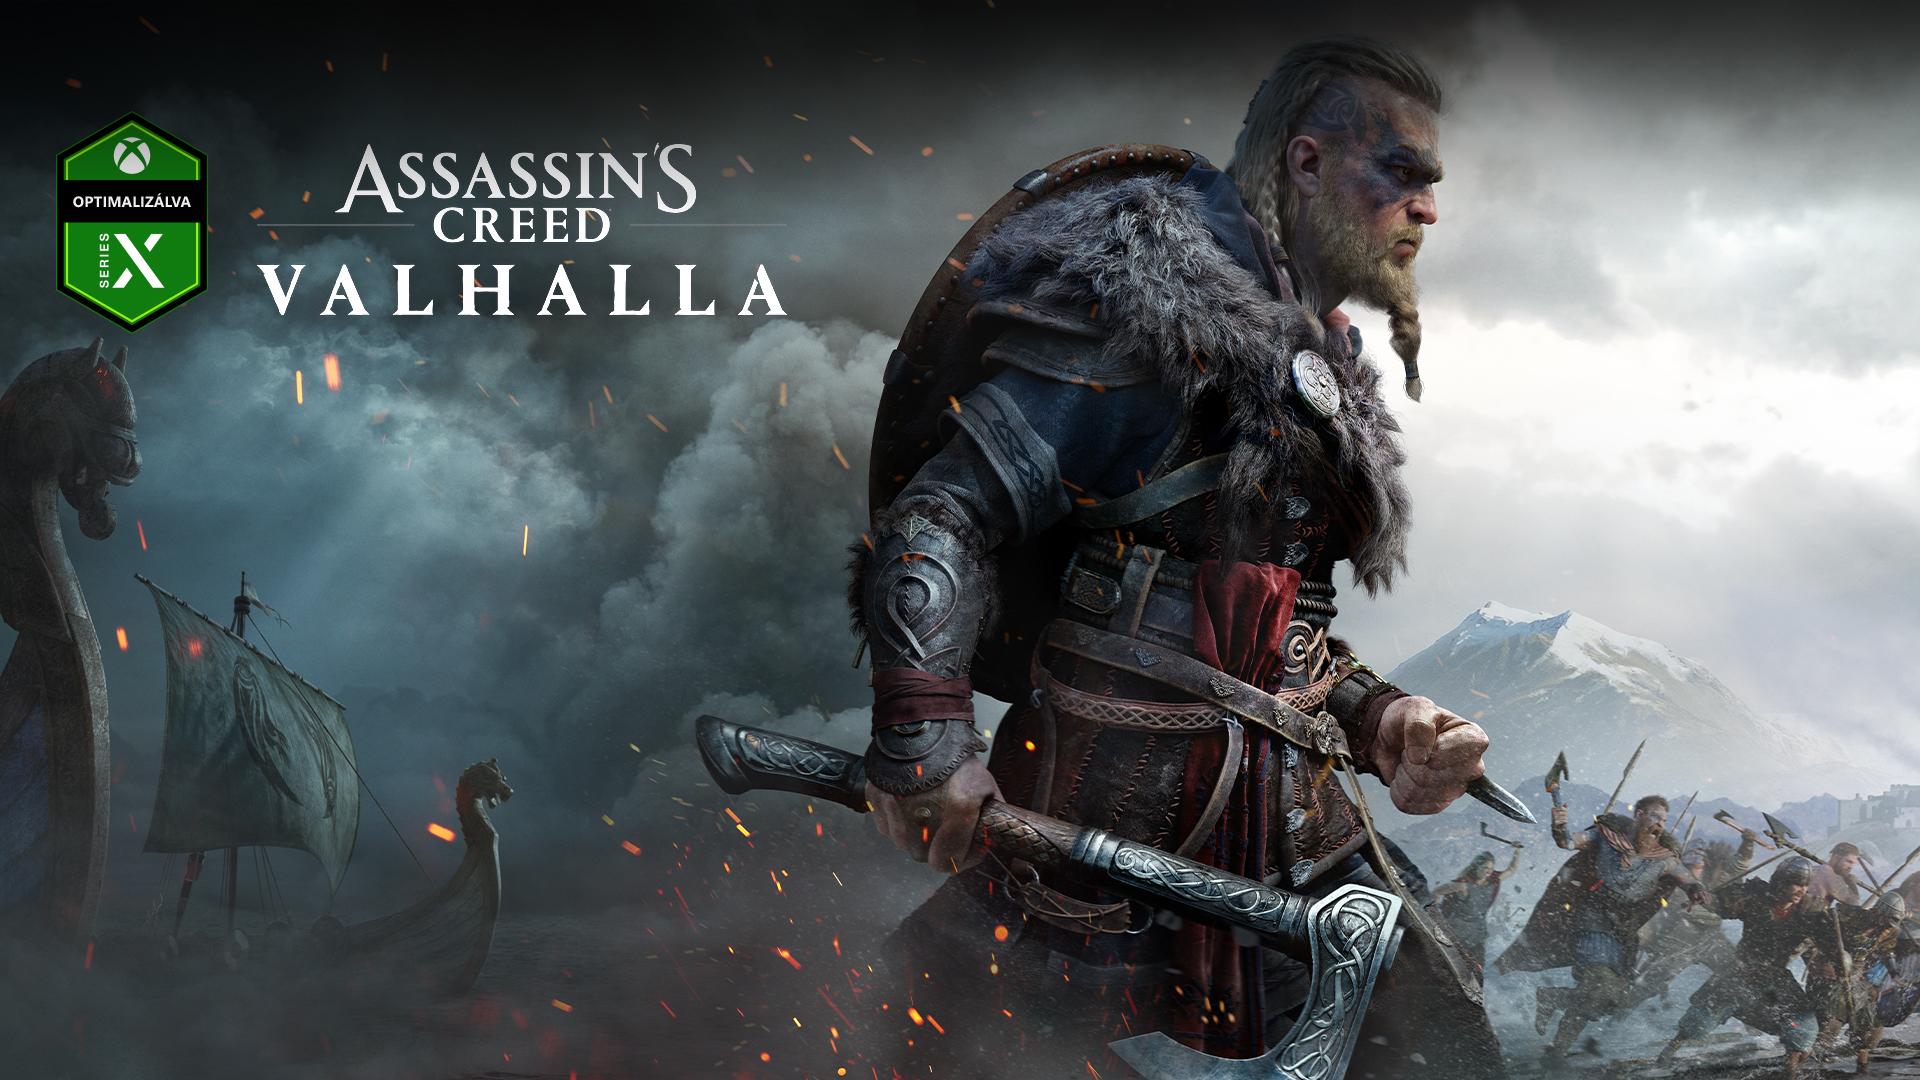 Az Xbox Series X konzolra optimalizálva – logó, Assassin's Creed Valhalla, karakter fejszével, hajók a ködben és egy csata